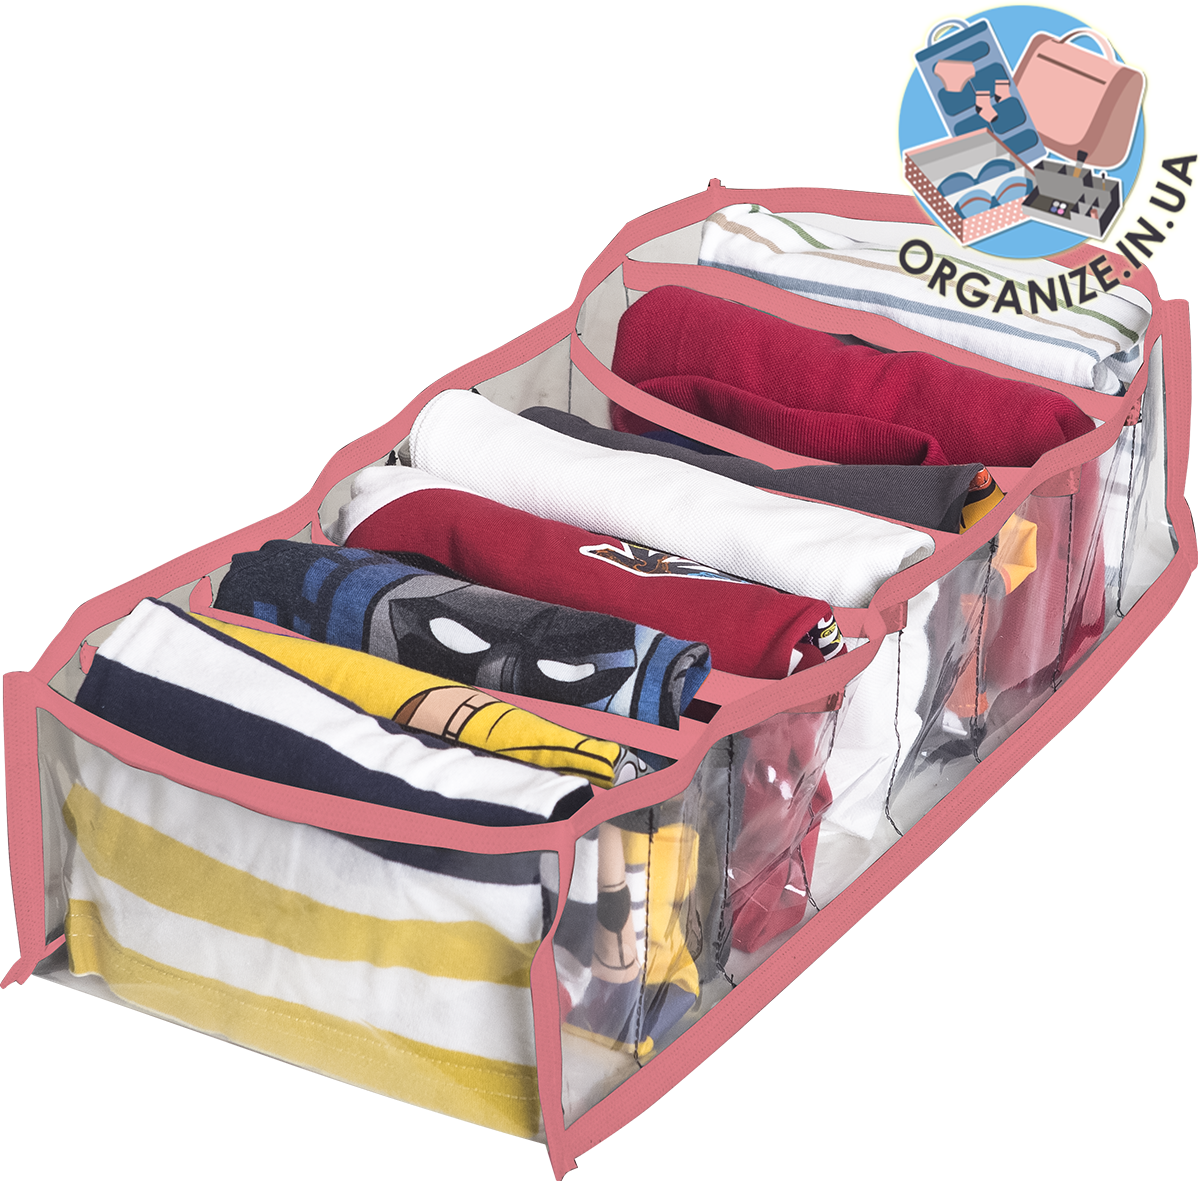 Гибкий органайзер для хранения футболок, боди, регланов М (розовый)